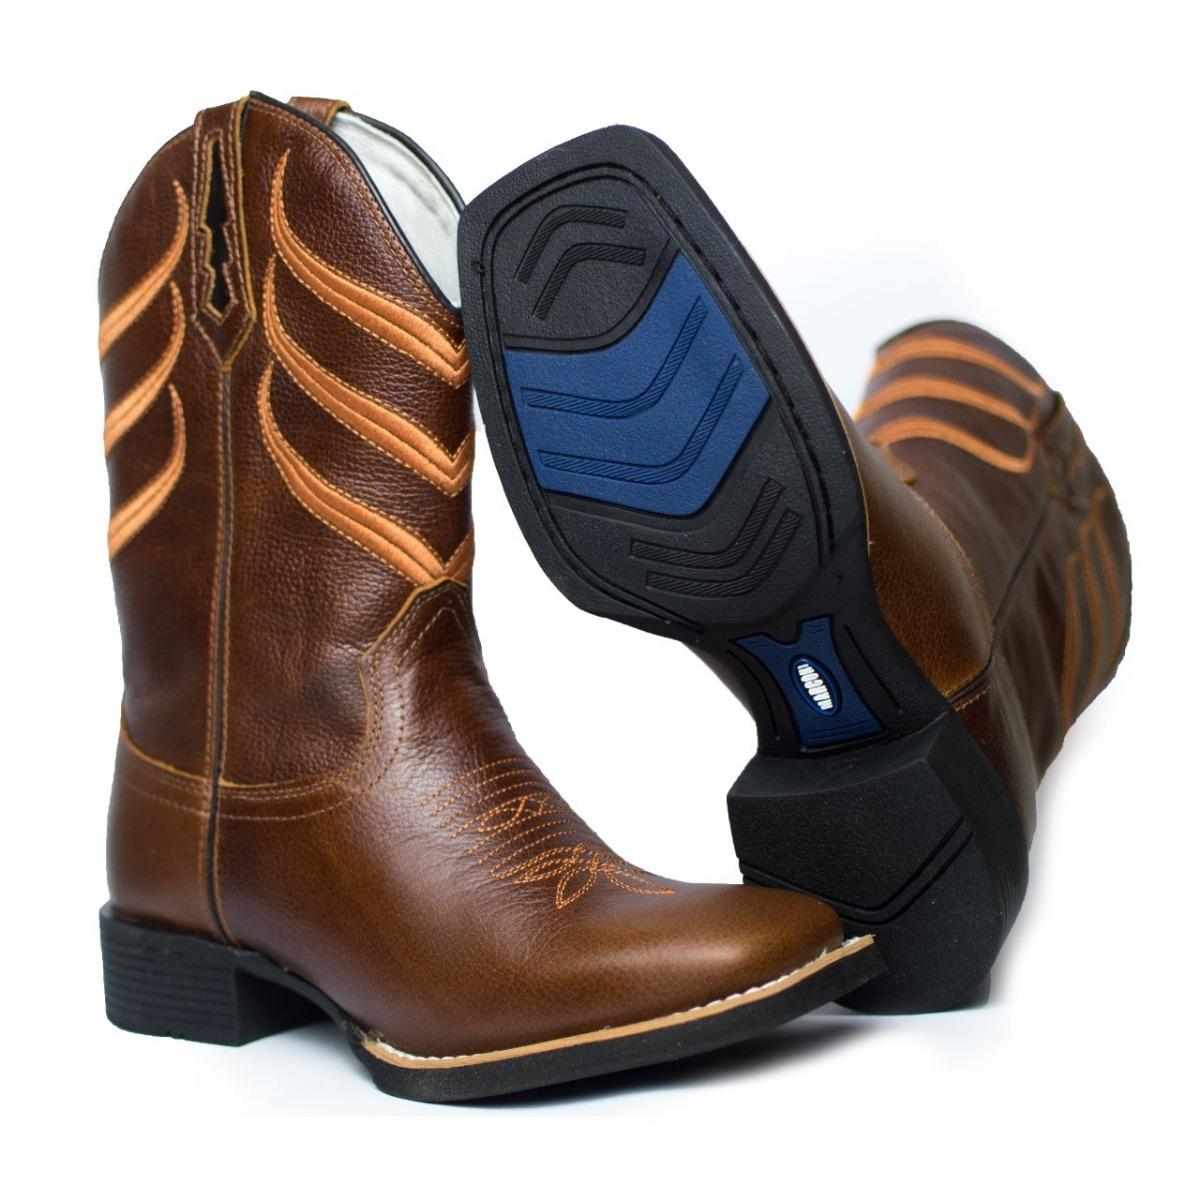 ... bota country bico quadrado masculina marrom couro cano longo. Carregando  zoom. 439d4c1471de3f  Bota Country Feminina Texana ... 6b6c0b79afb